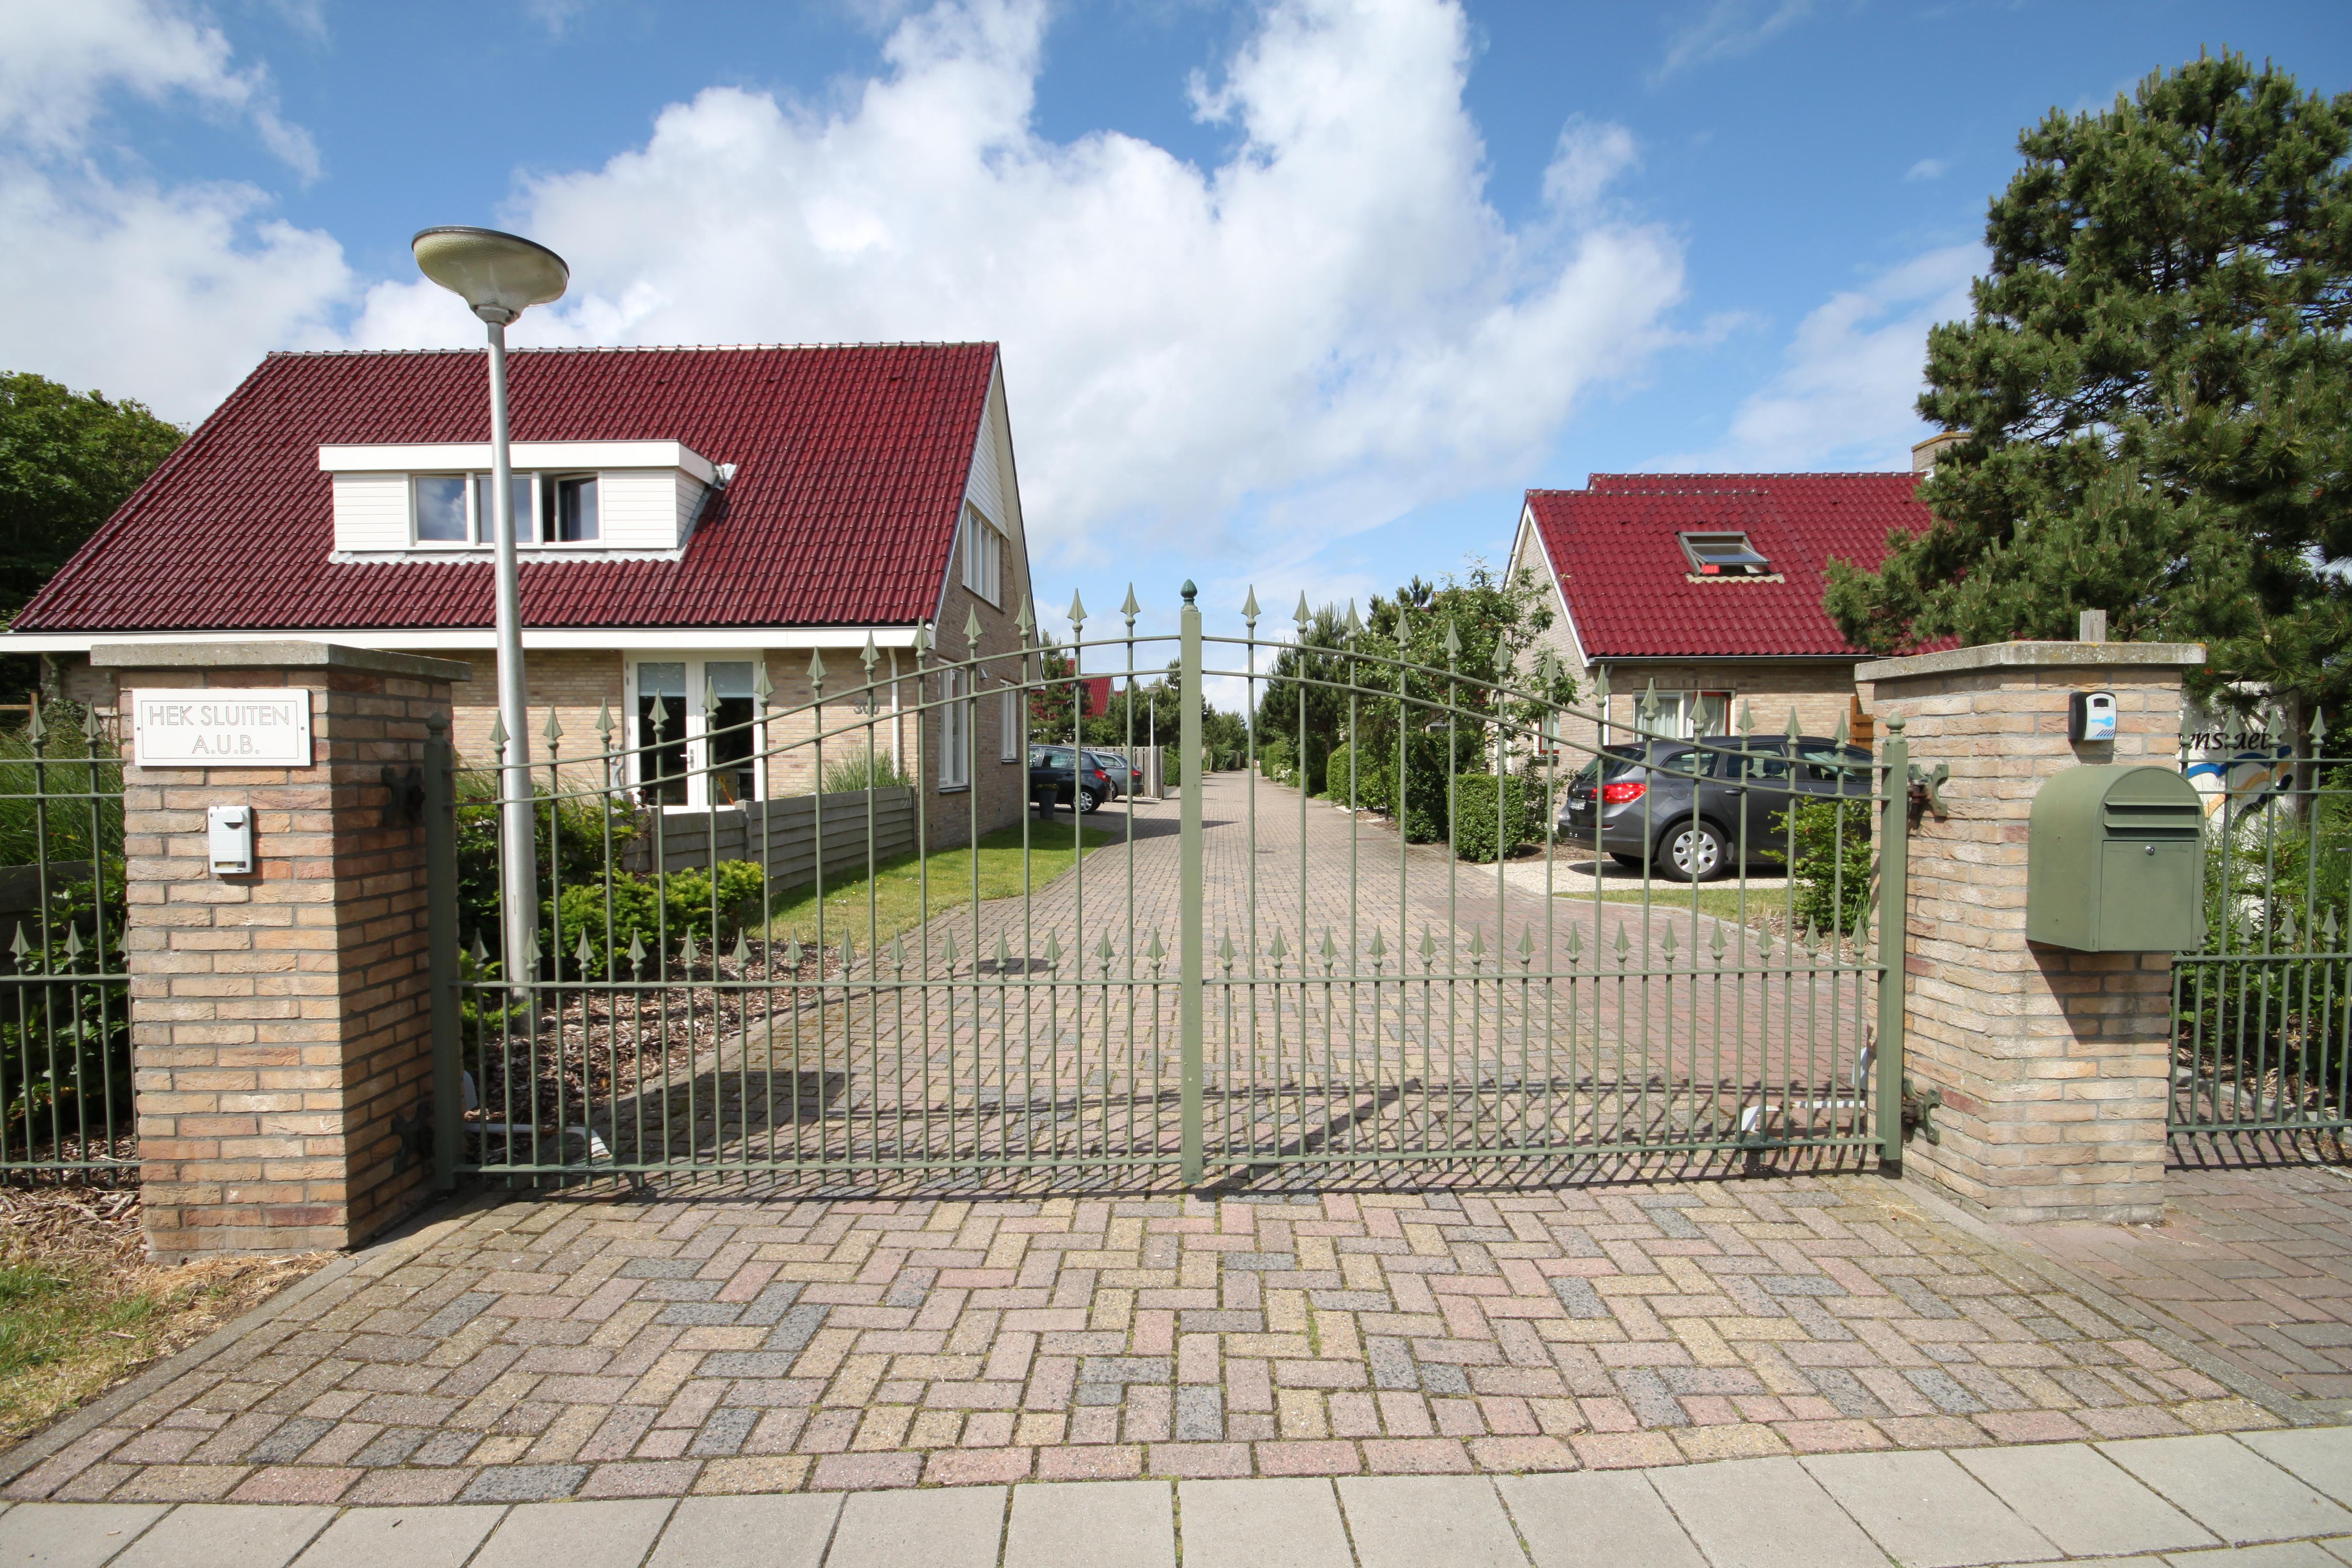 Villapark Waddenstaete Texel - ingang.JPG